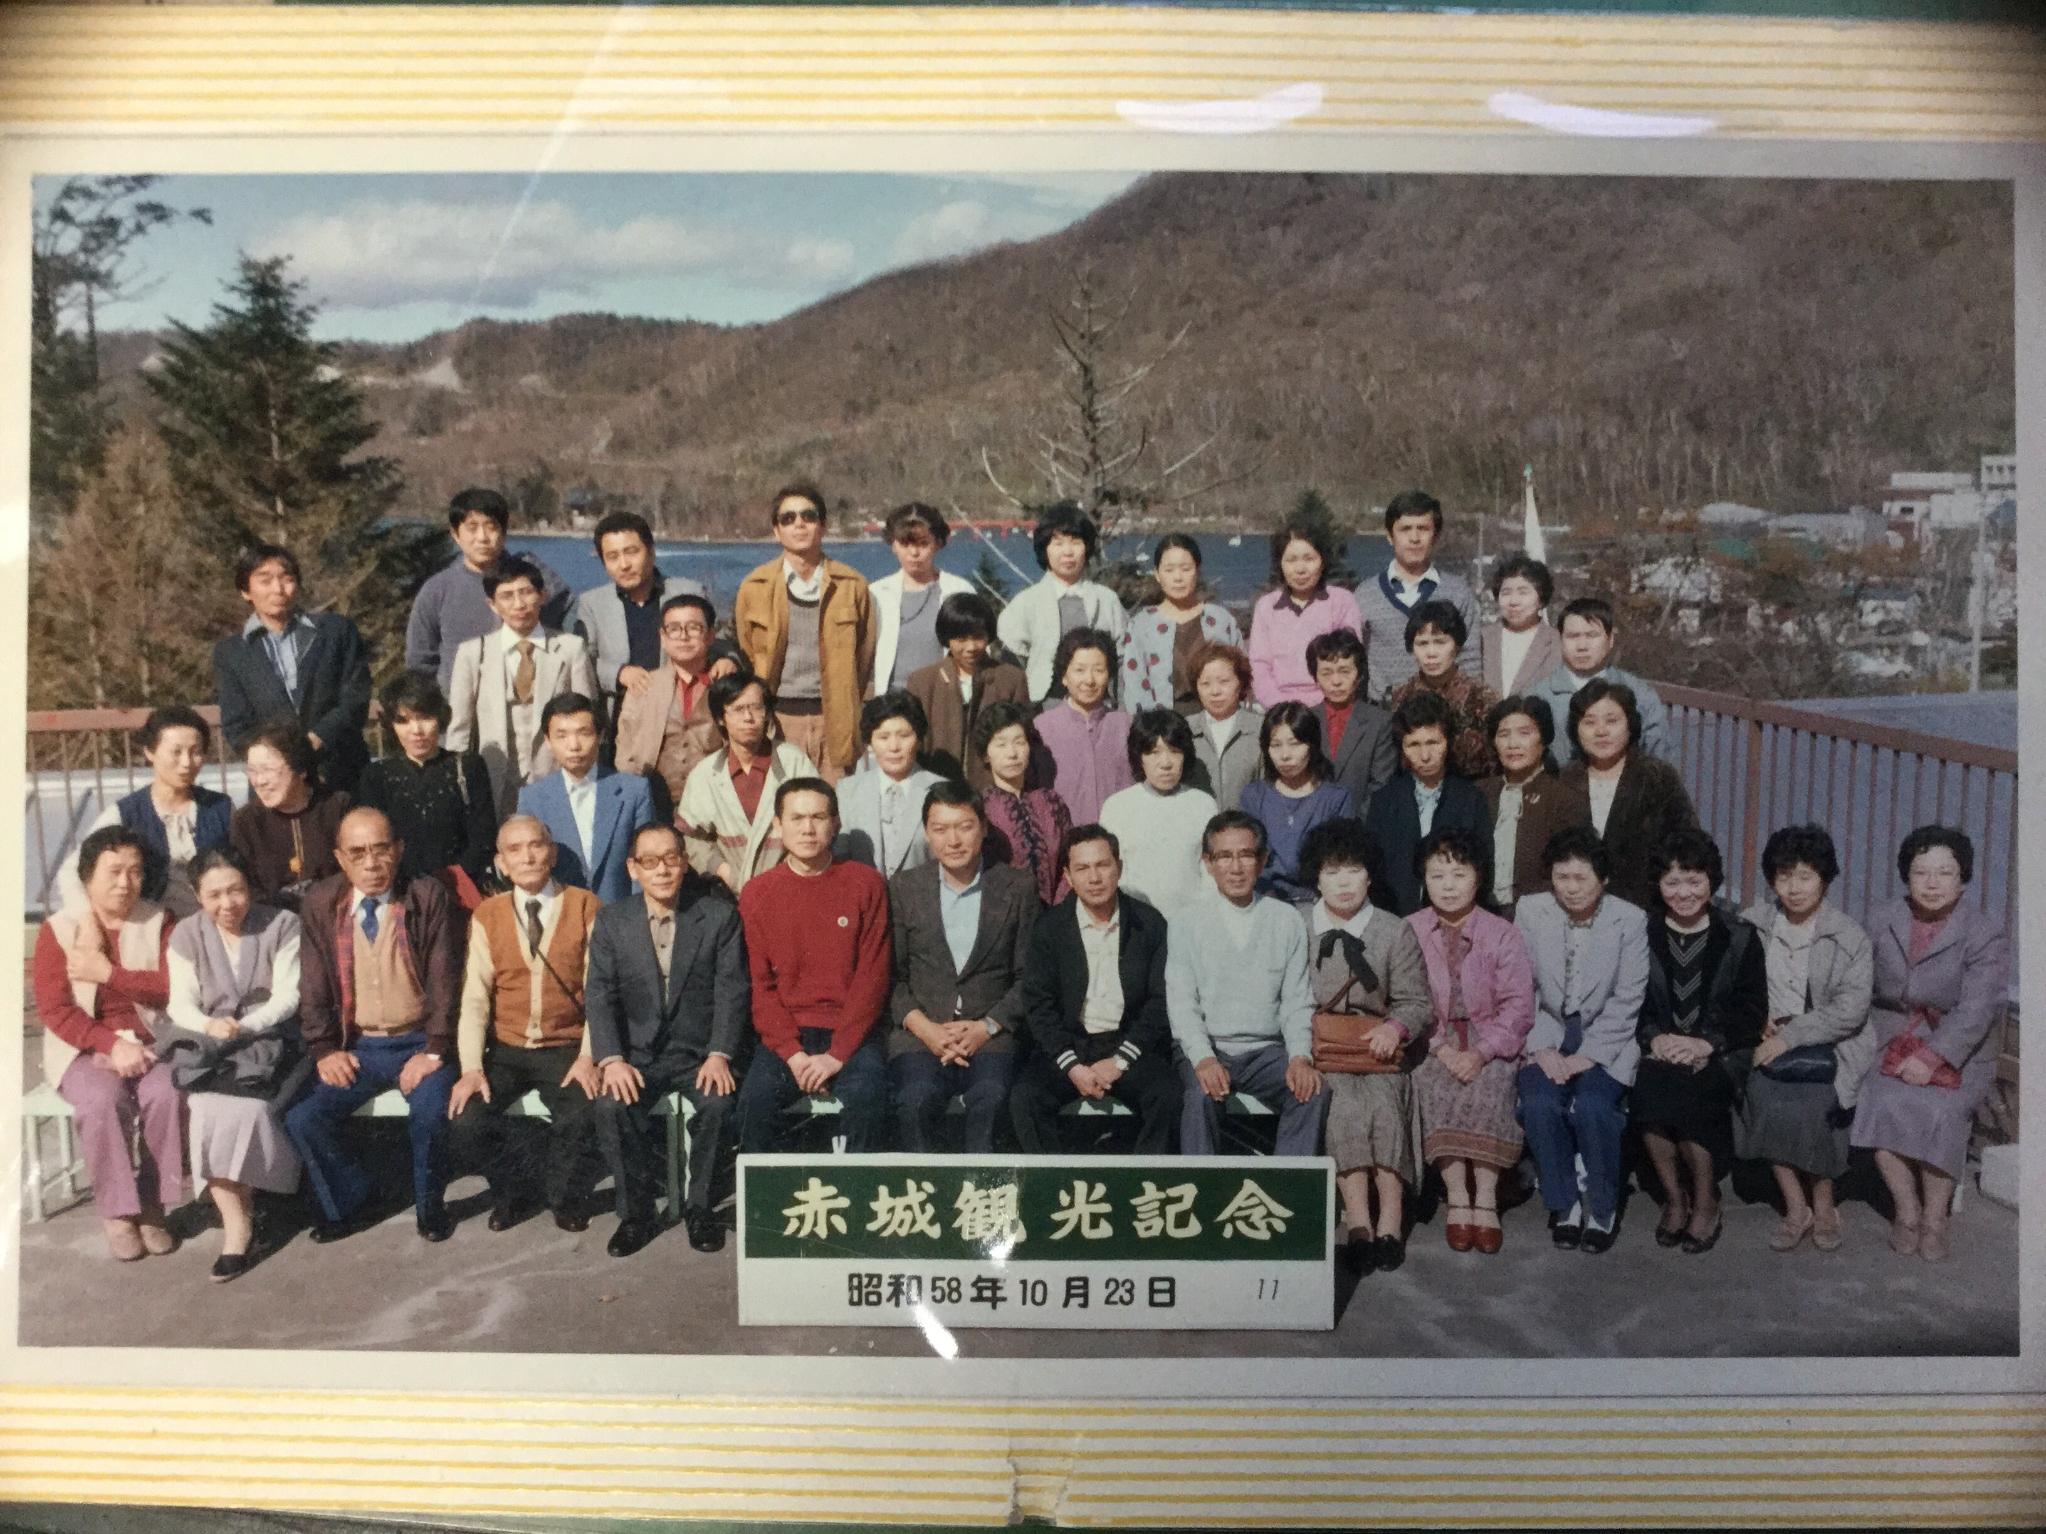 広野商店  社員旅行  昭和58年